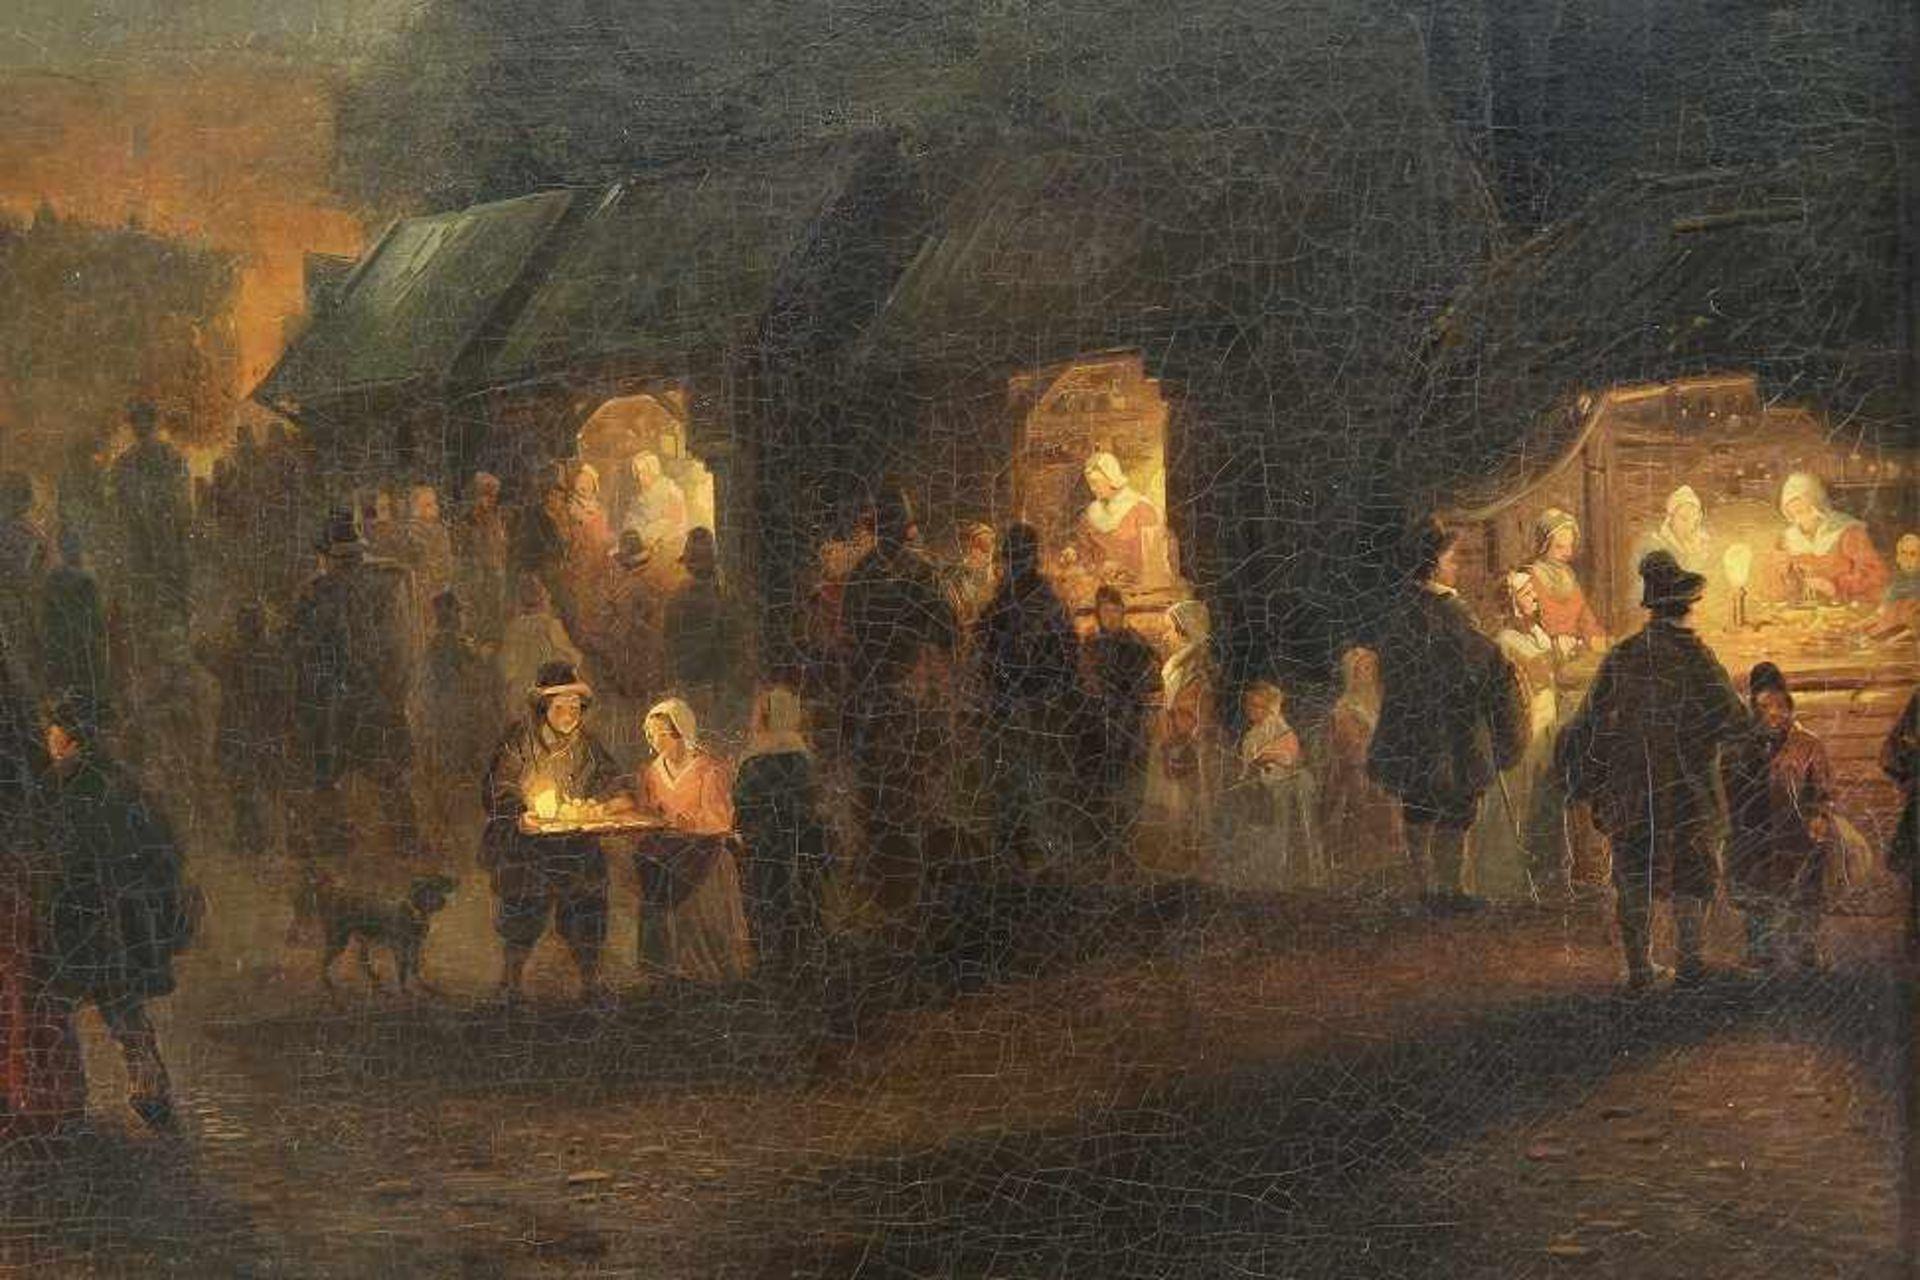 Hagn, Ludwig von (Munich 1819 - 1898 Munich) - Bild 6 aus 6